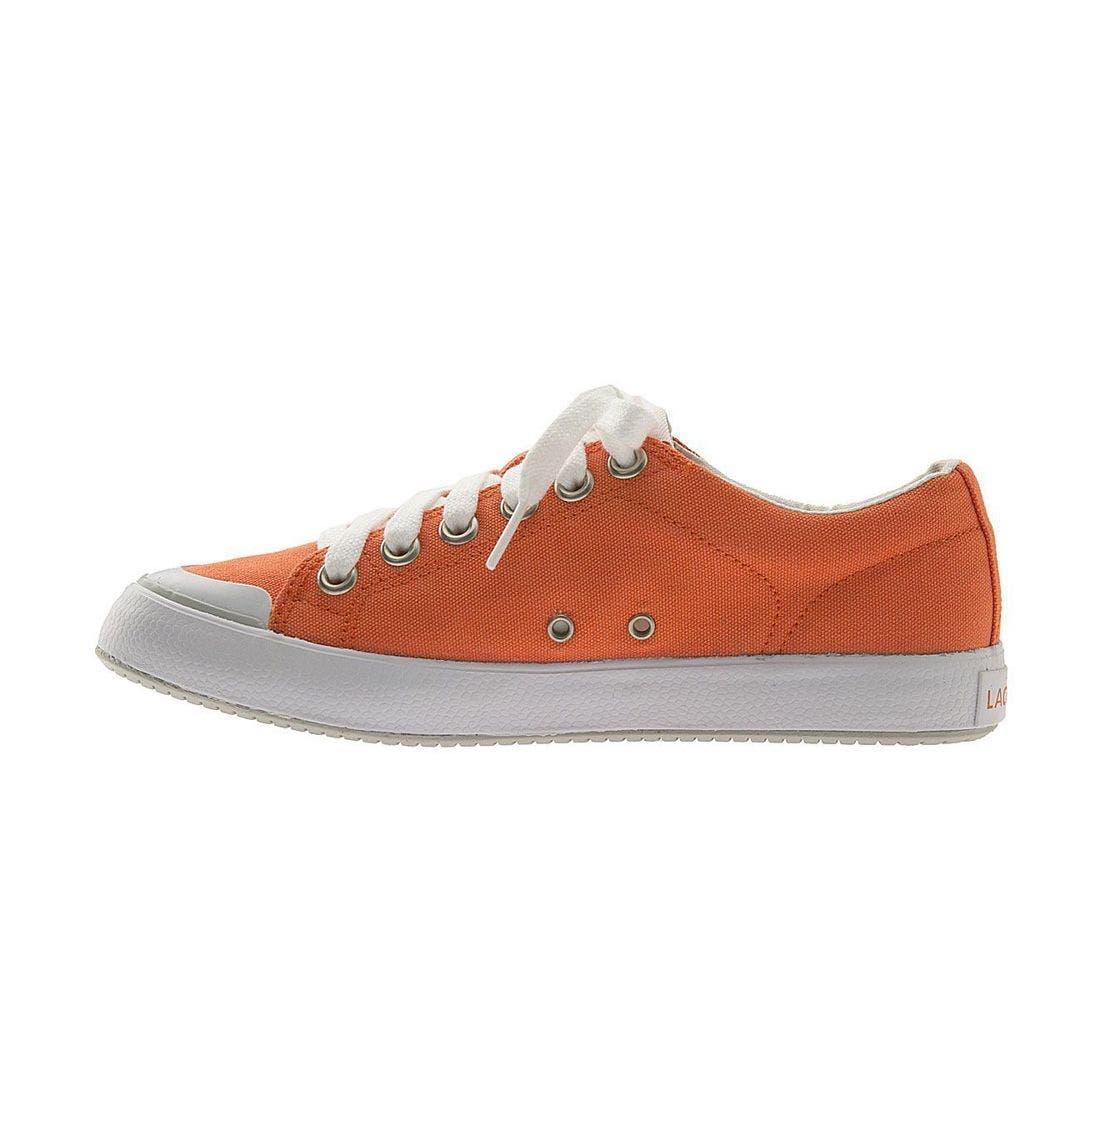 Alternate Image 2  - Lacoste 'L33 Canvas' Sneaker (Women)